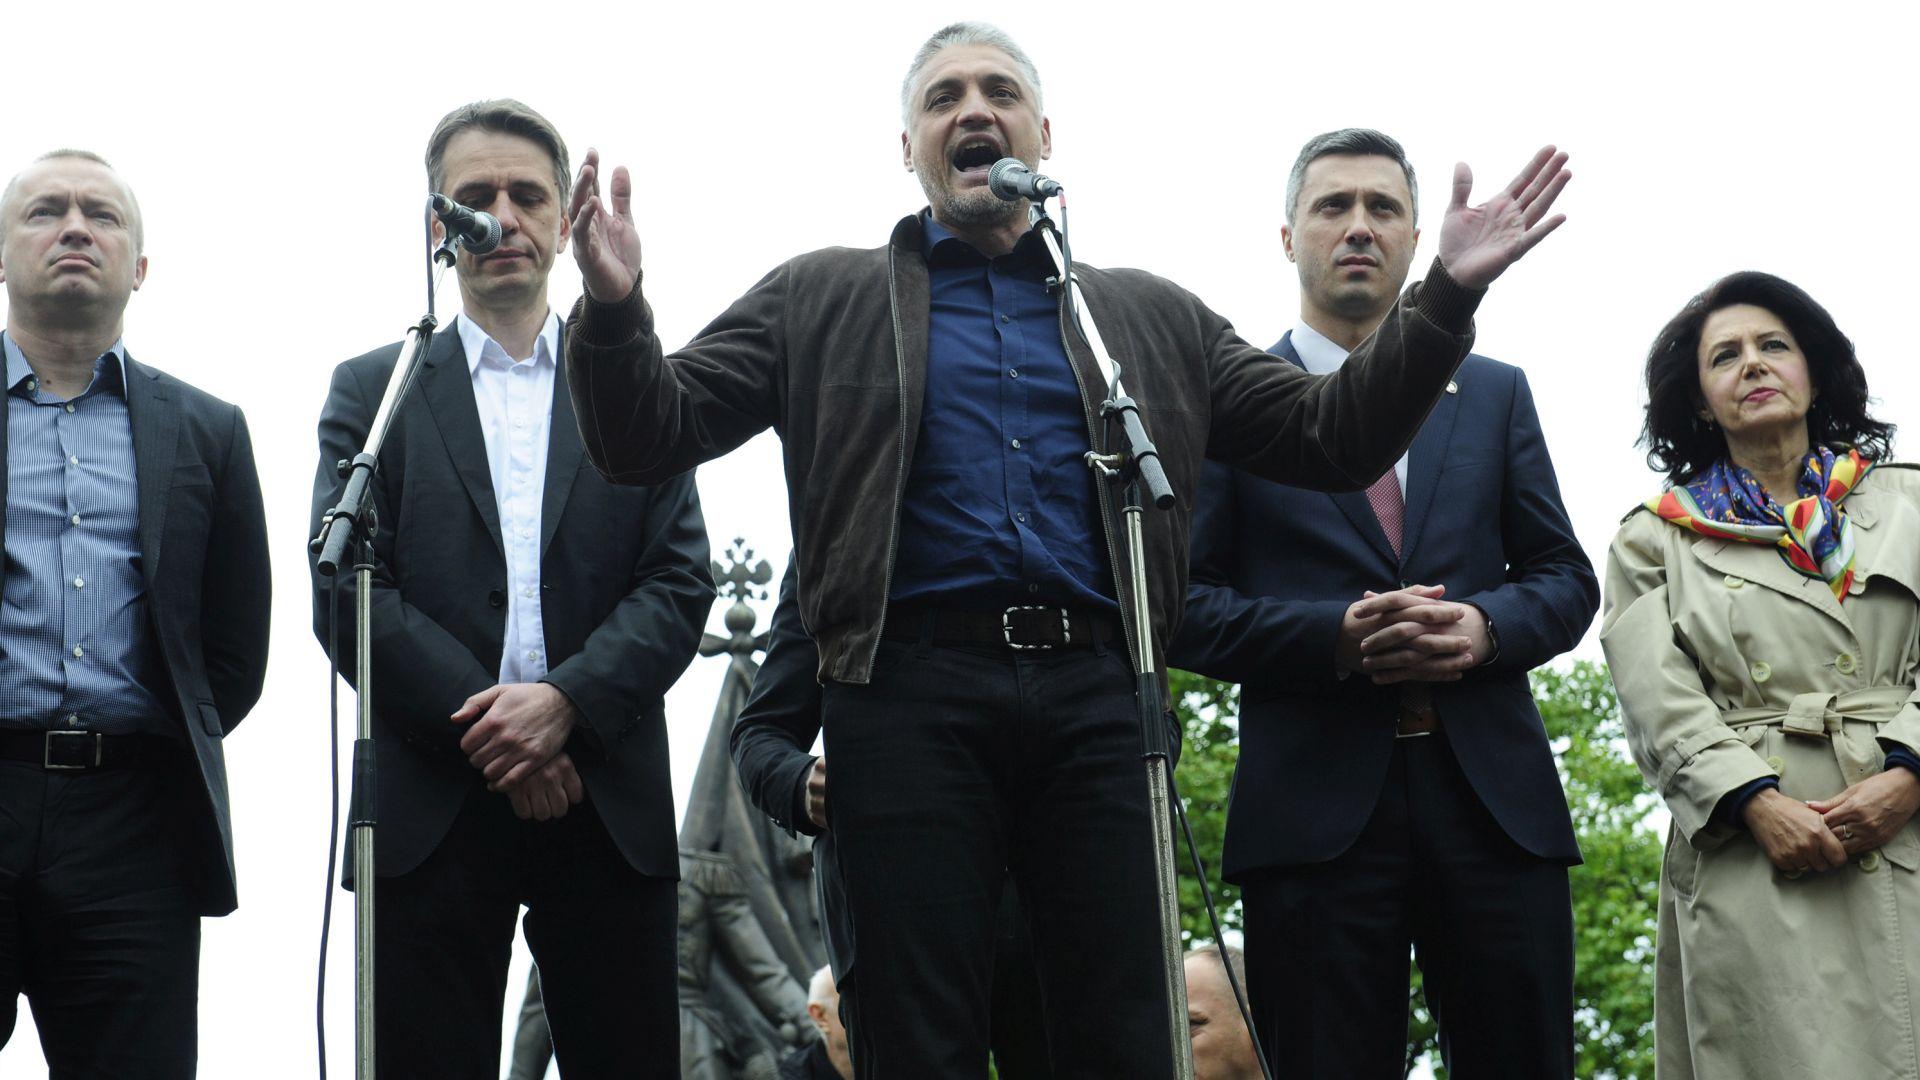 SUMNJA U IZBORNU KRAĐU: Prosvjed srbijanske oporbe zbog izbornih rezultata